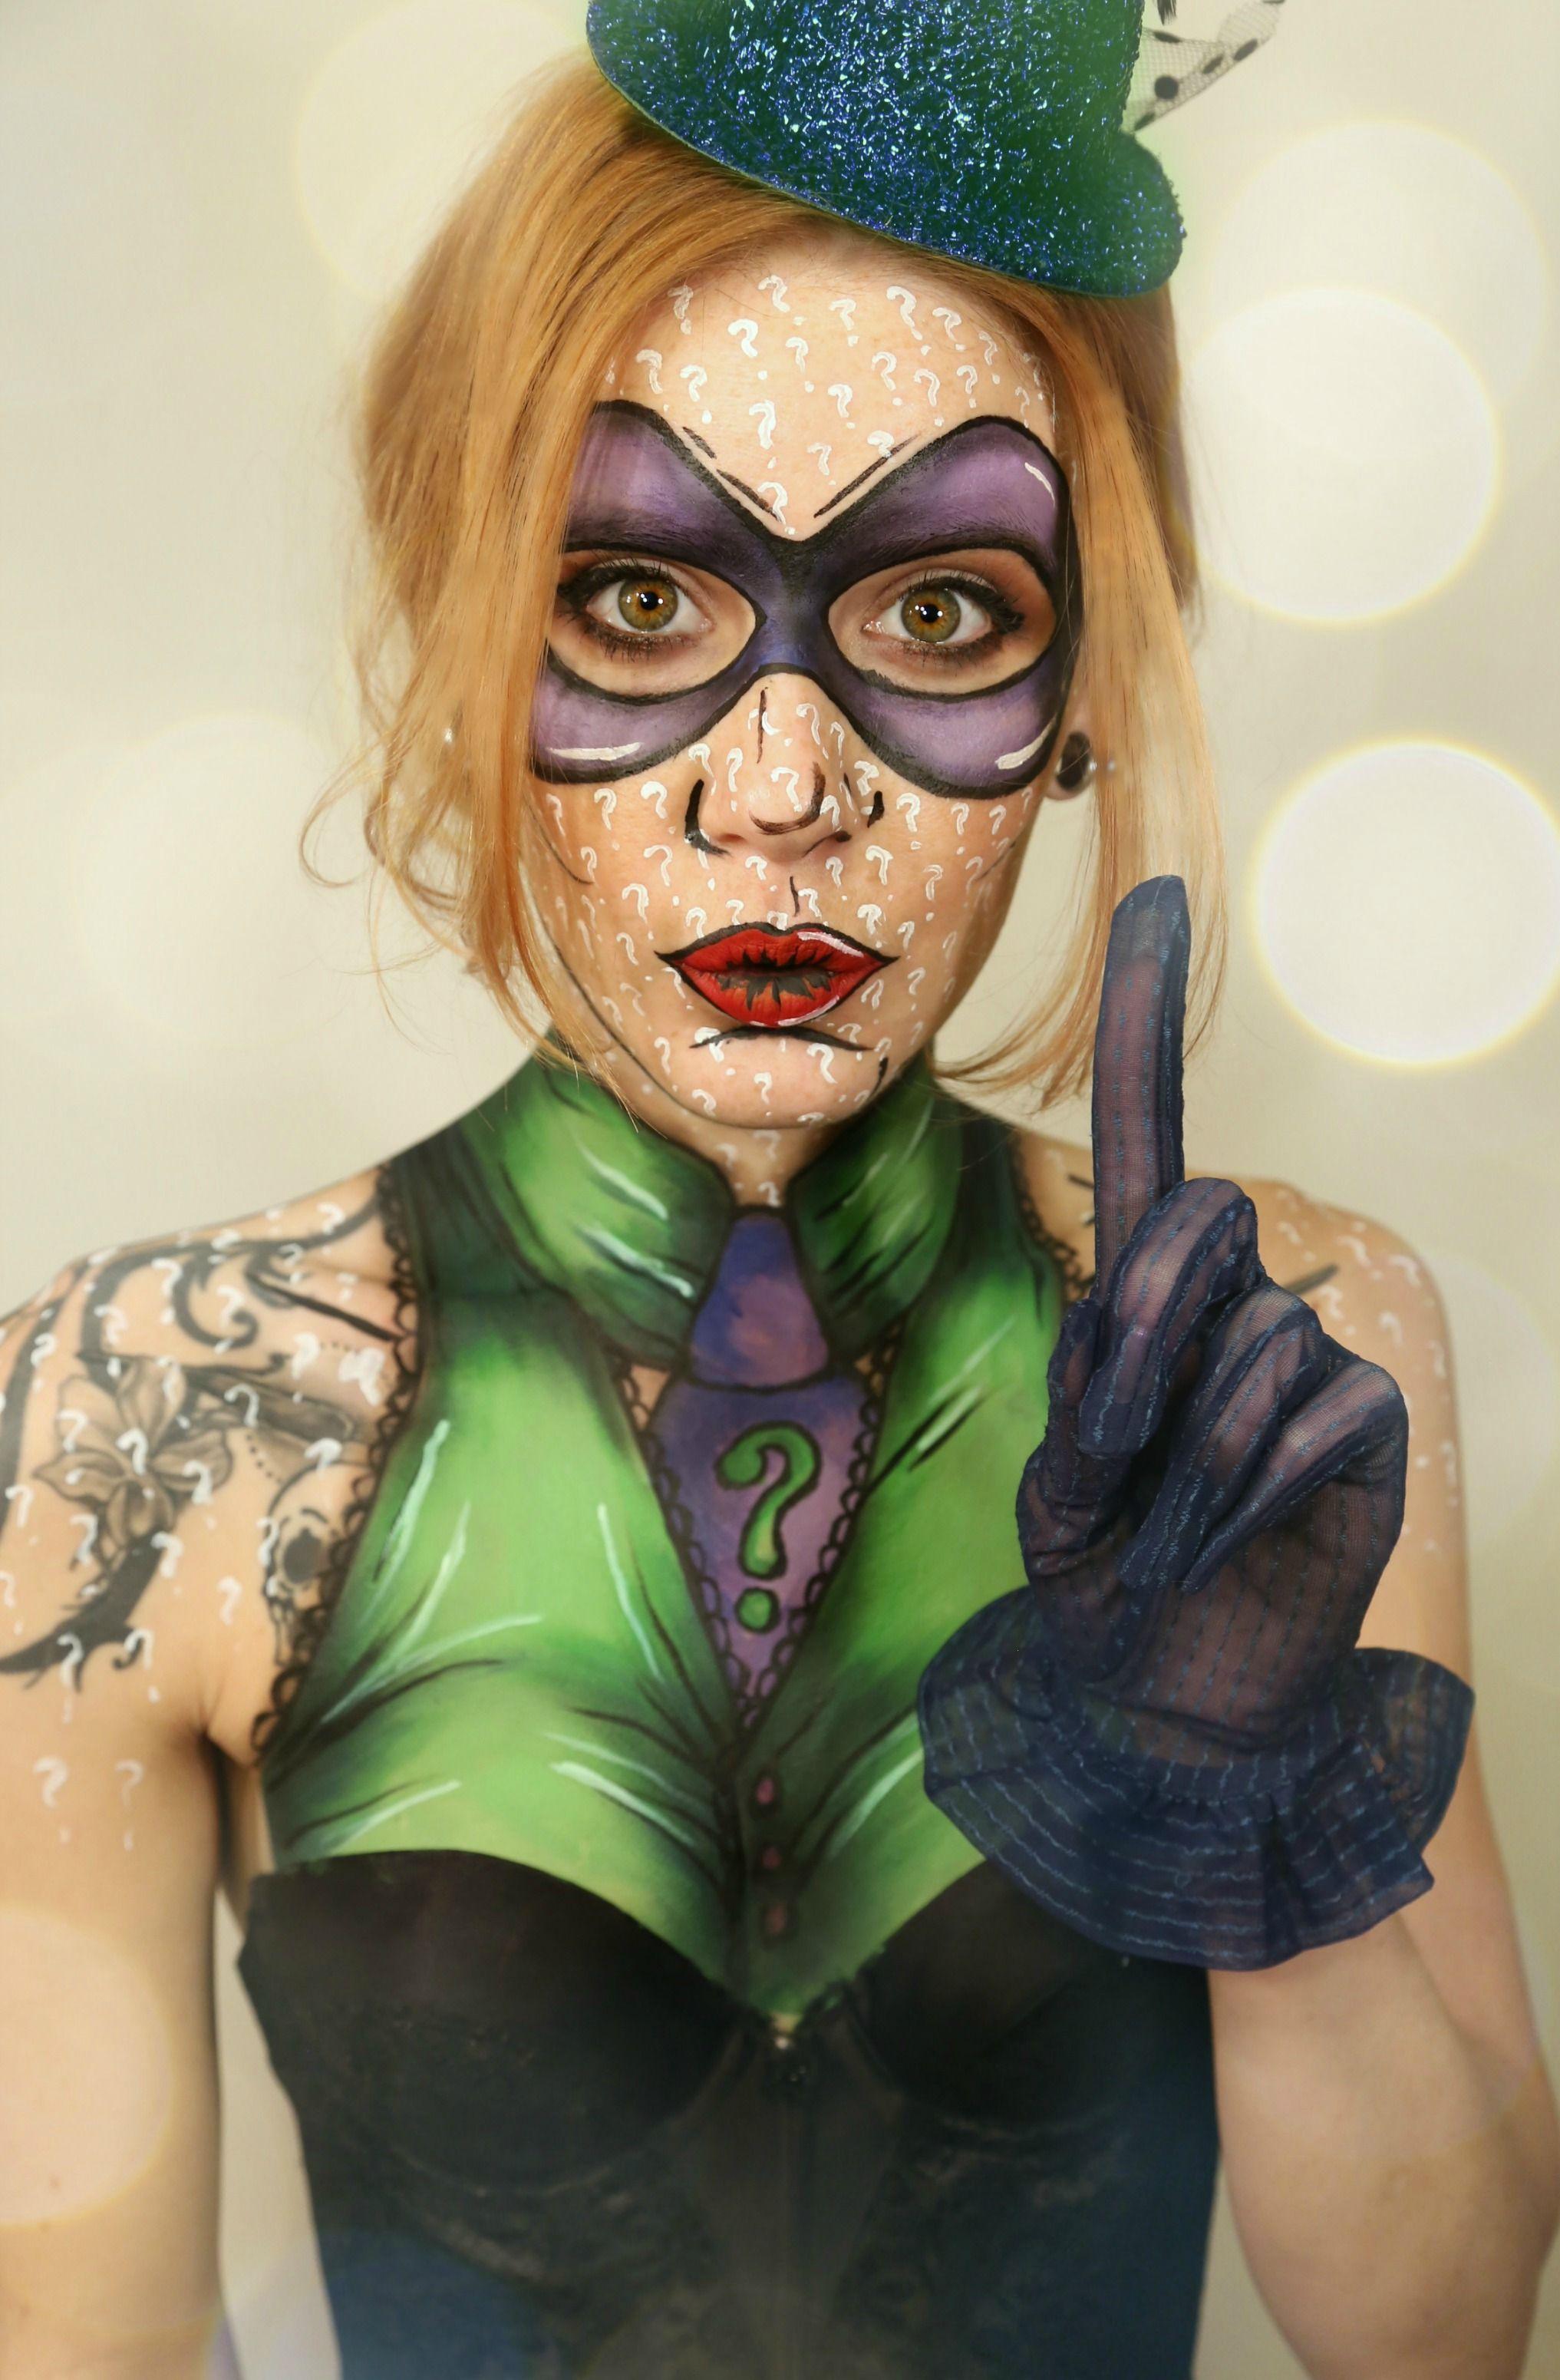 Riddler from Batman. Find me at Facebook Kissyg